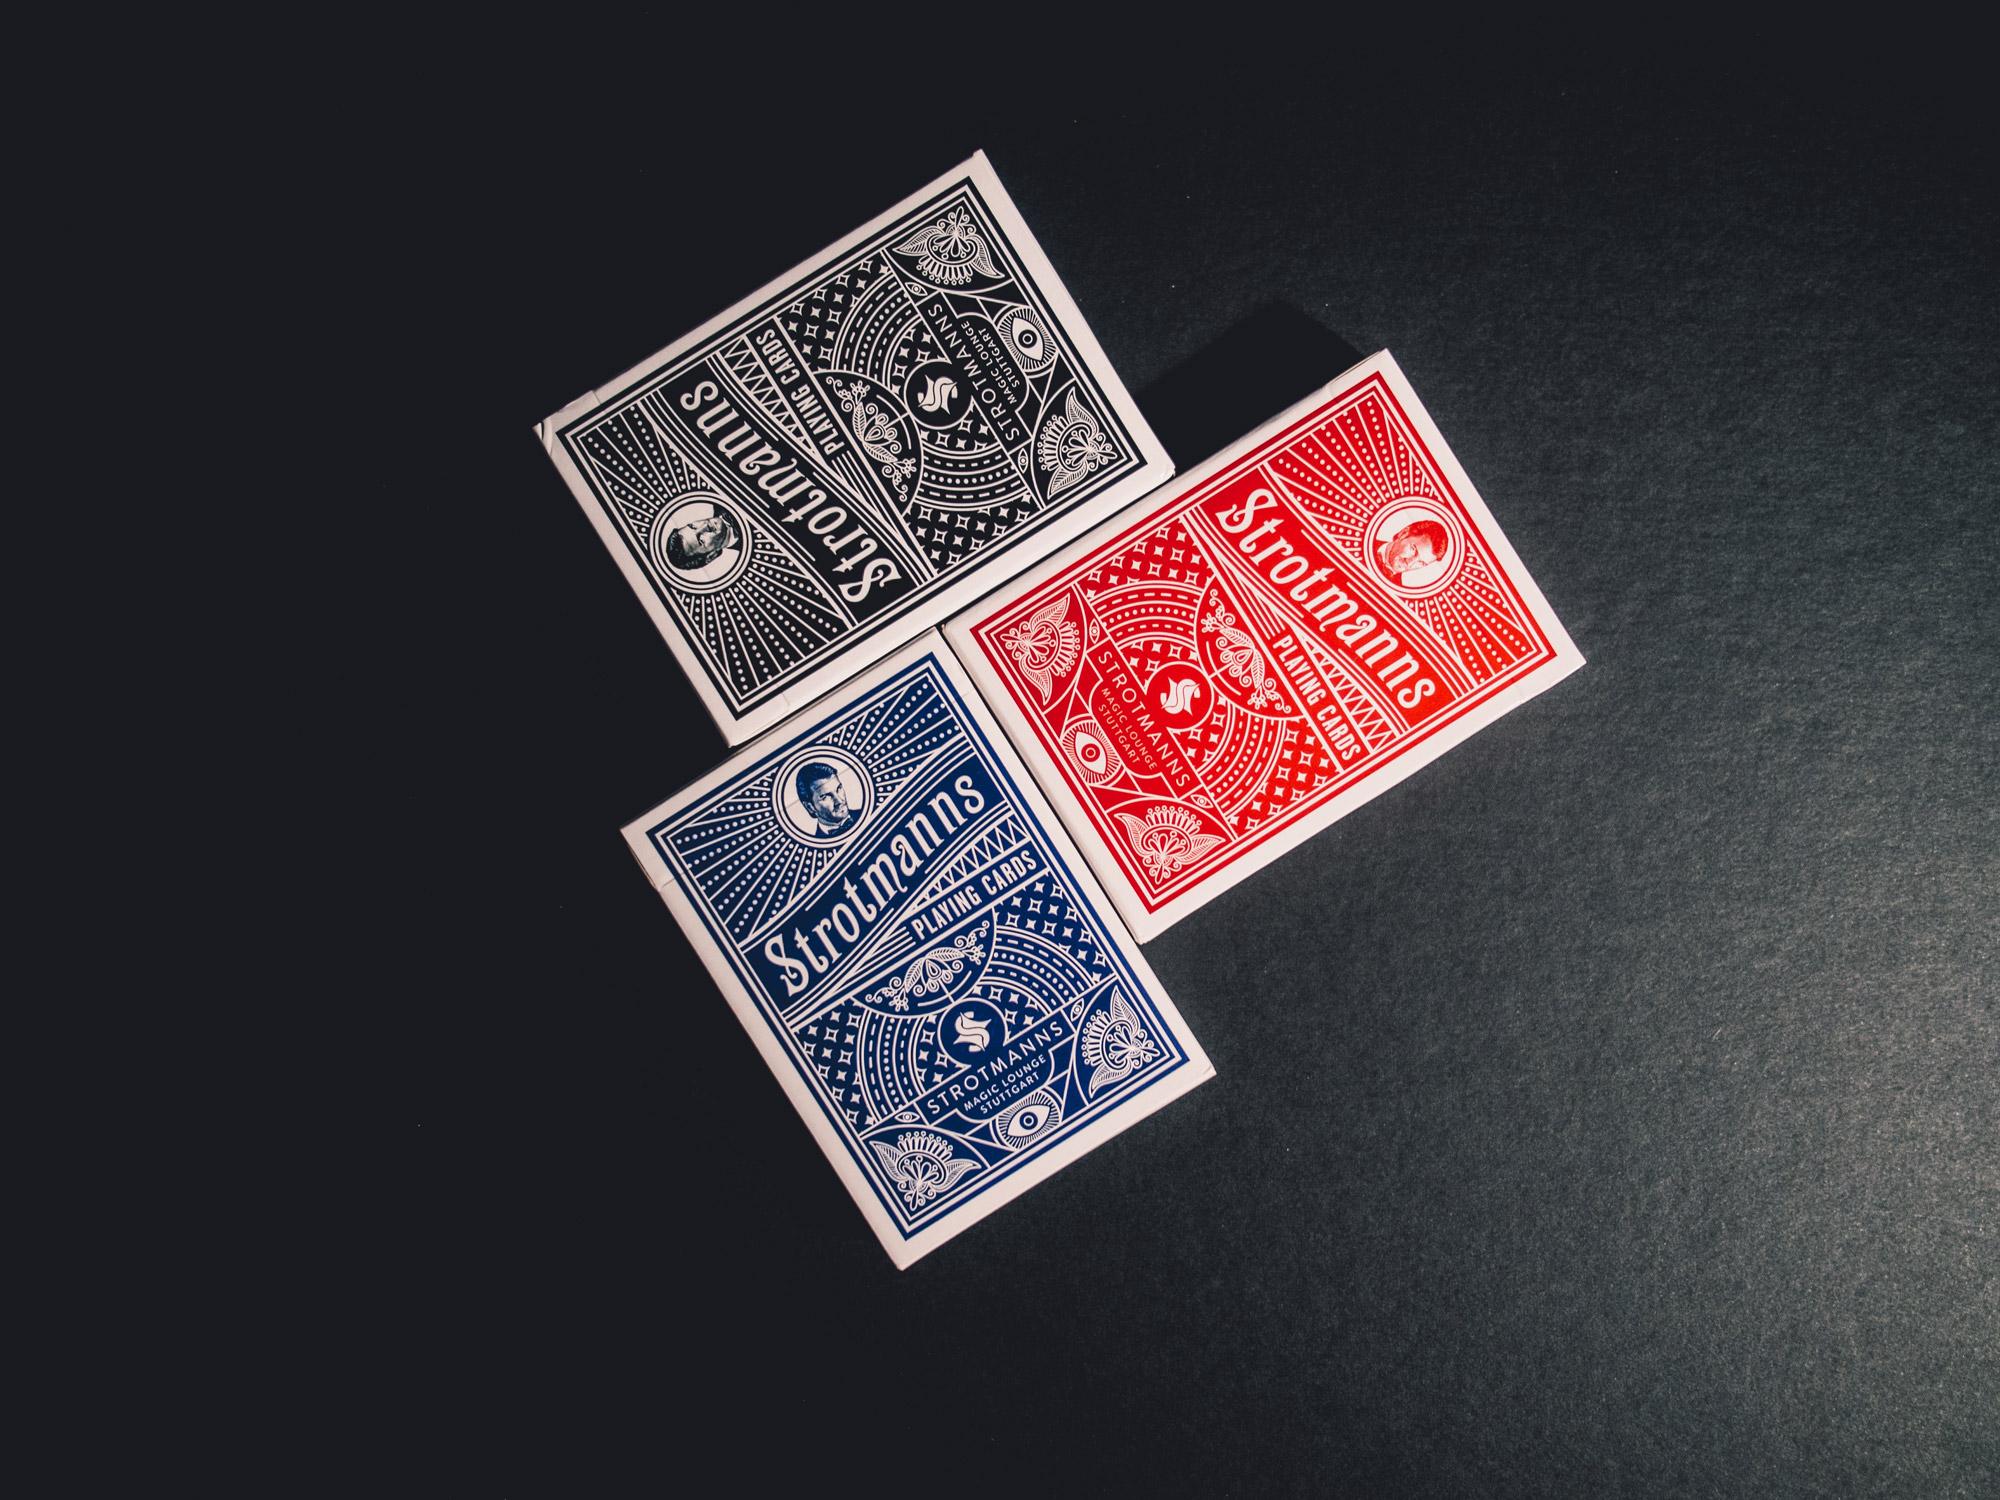 Man sieht 3 Spielkarten-Sets der Strotmanns Magic Lounge in den drei verfügbaren Farben schwarz, rot und blau. Die Gestaltung ist an klassische amerikanische Poker-Playingcards angelehnt. Das Design ist von MAJORMAJOR.